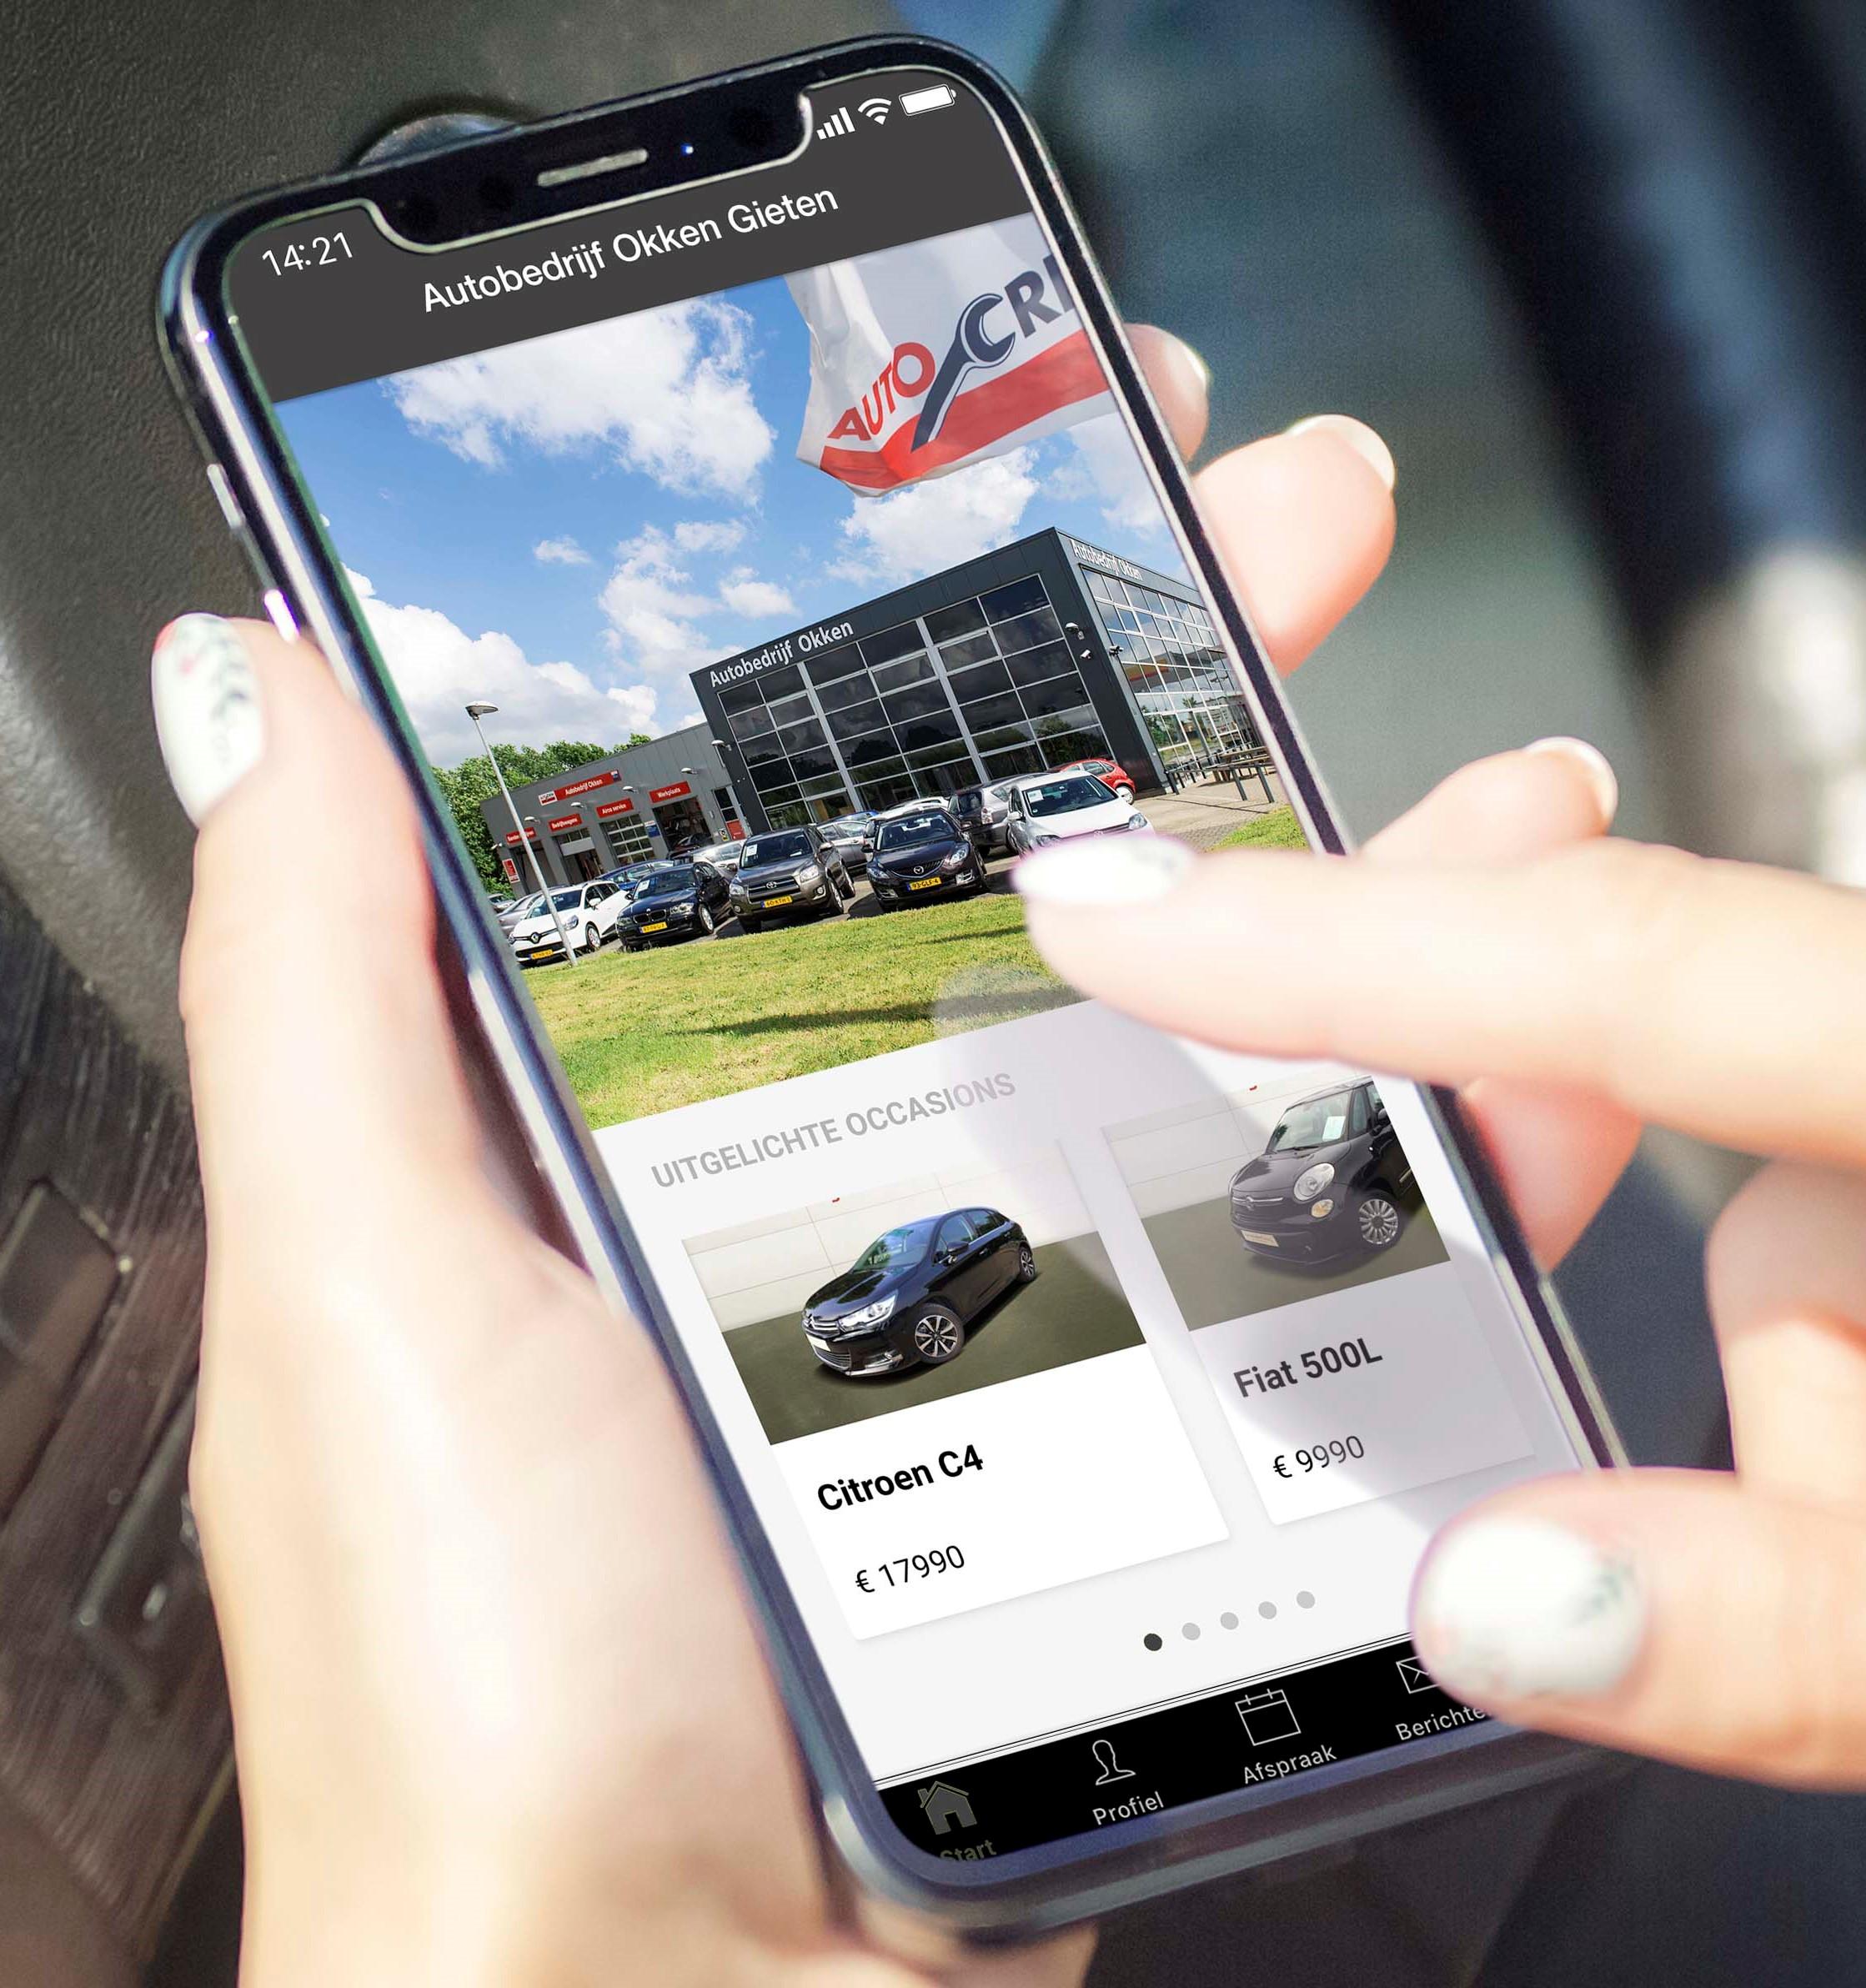 De autobedrijf Okken app